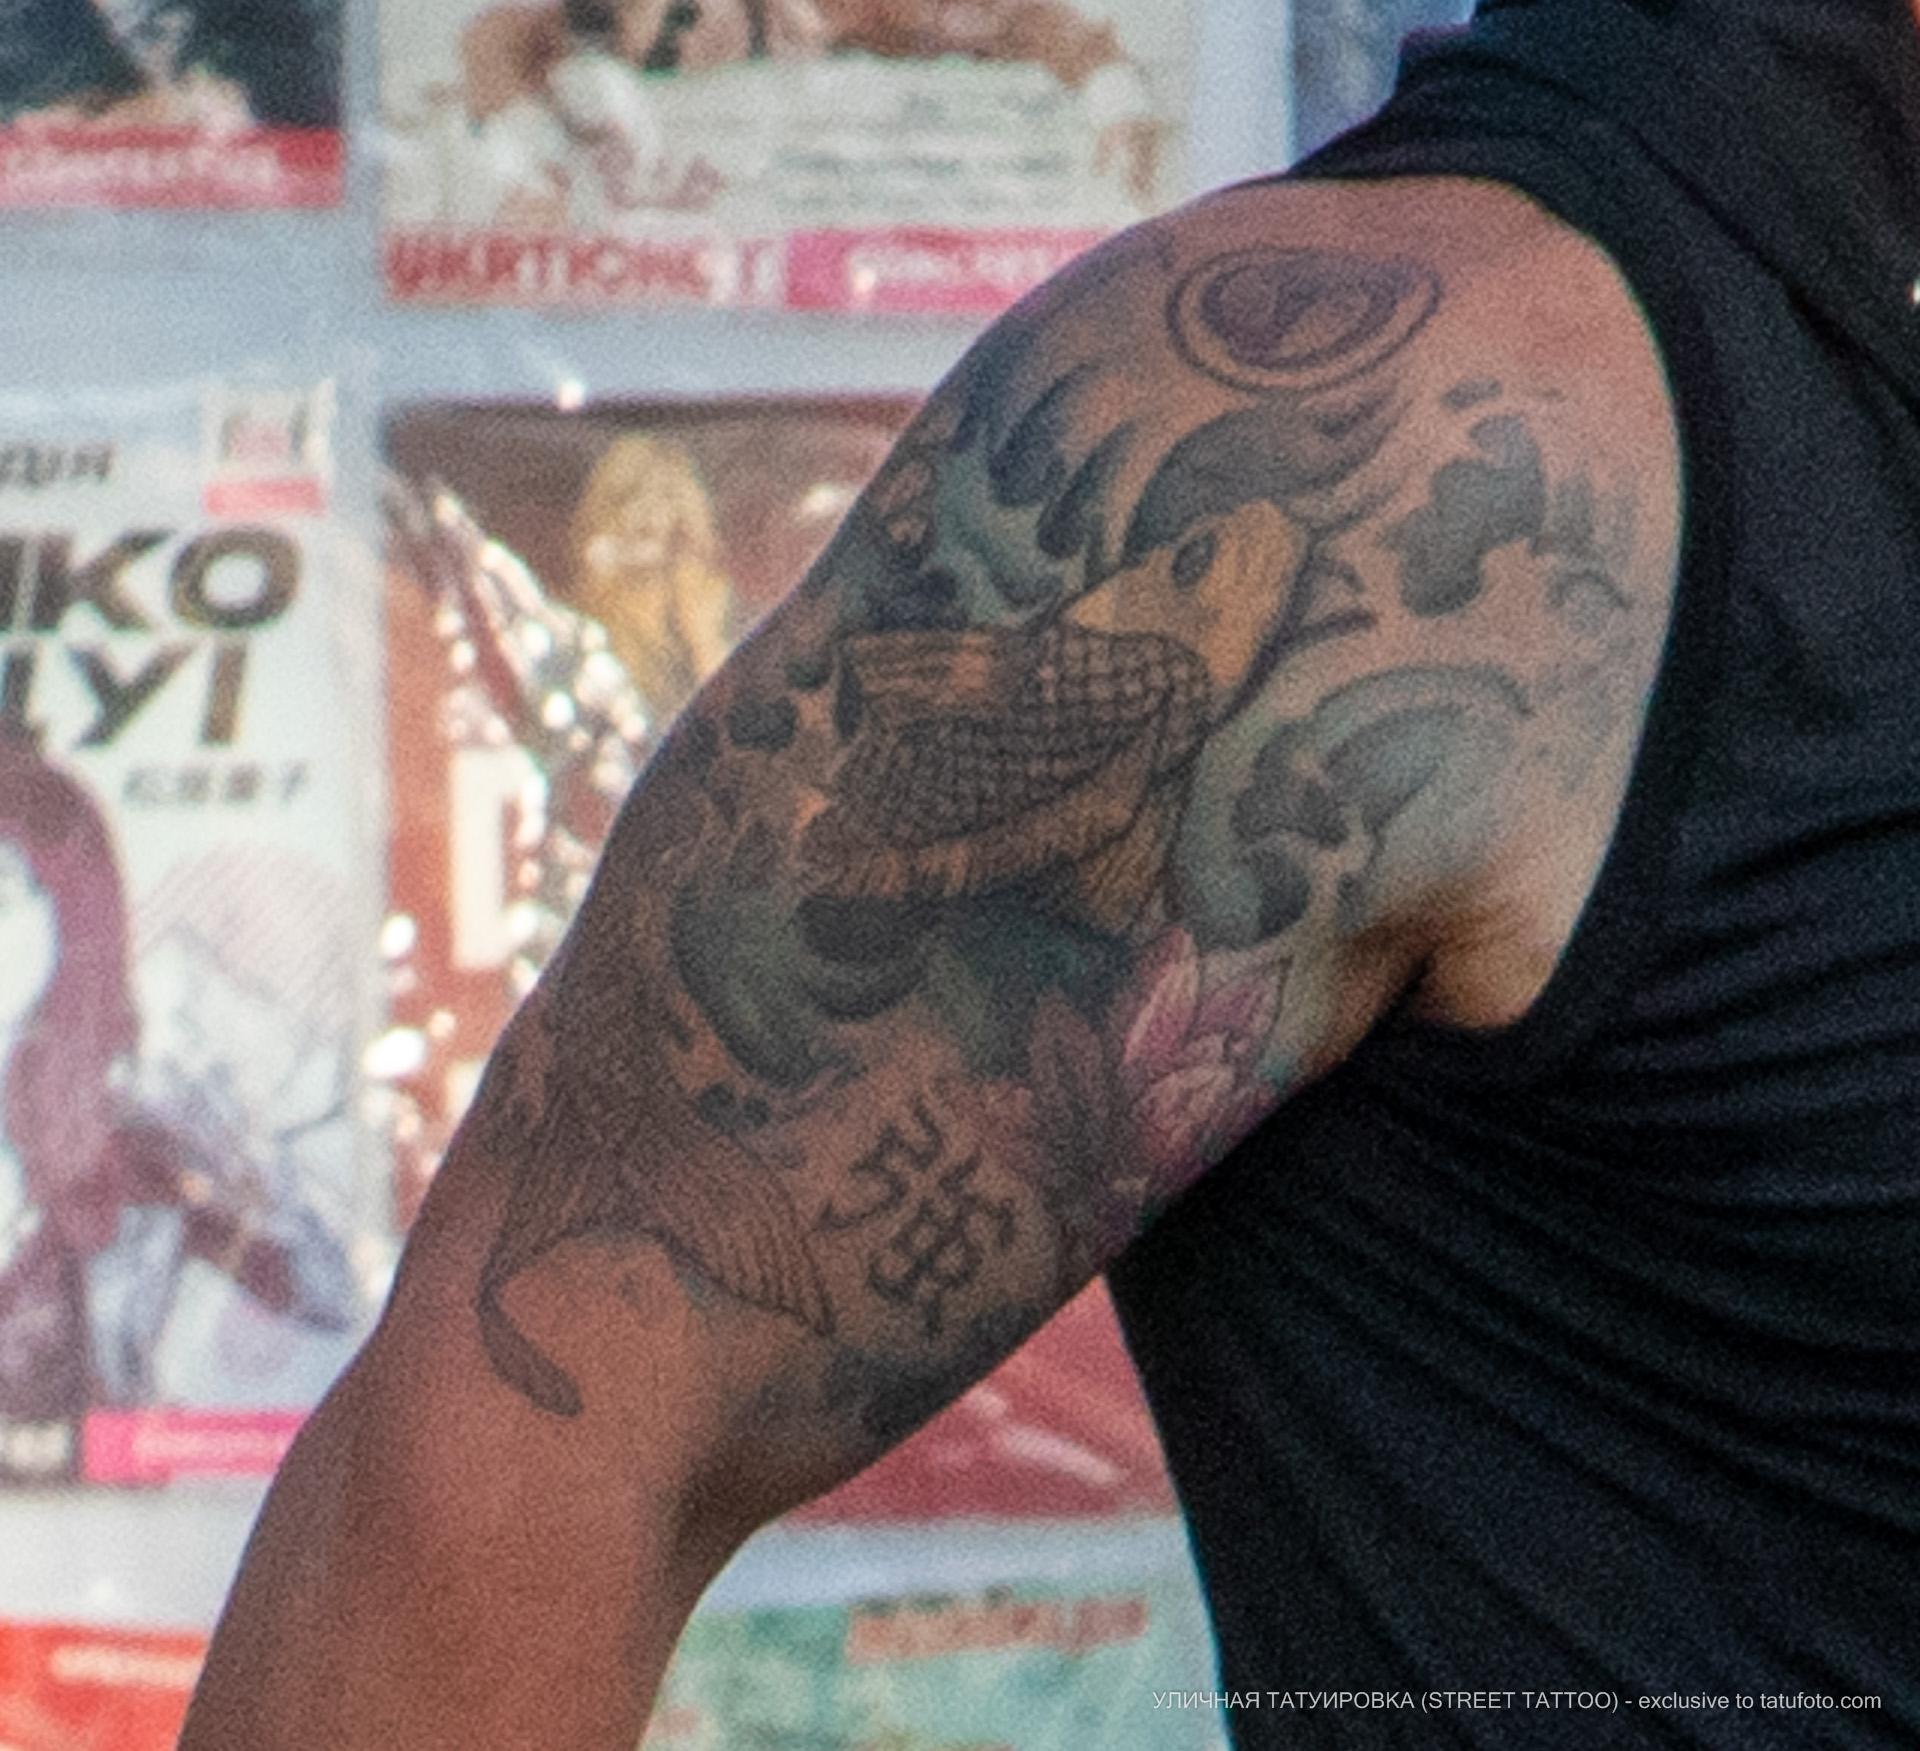 Фото тату с карпом в воде на плече мужчины – Уличная татуировка (street tattoo) № 06 – 18.06.2020 – tatufoto.com 10